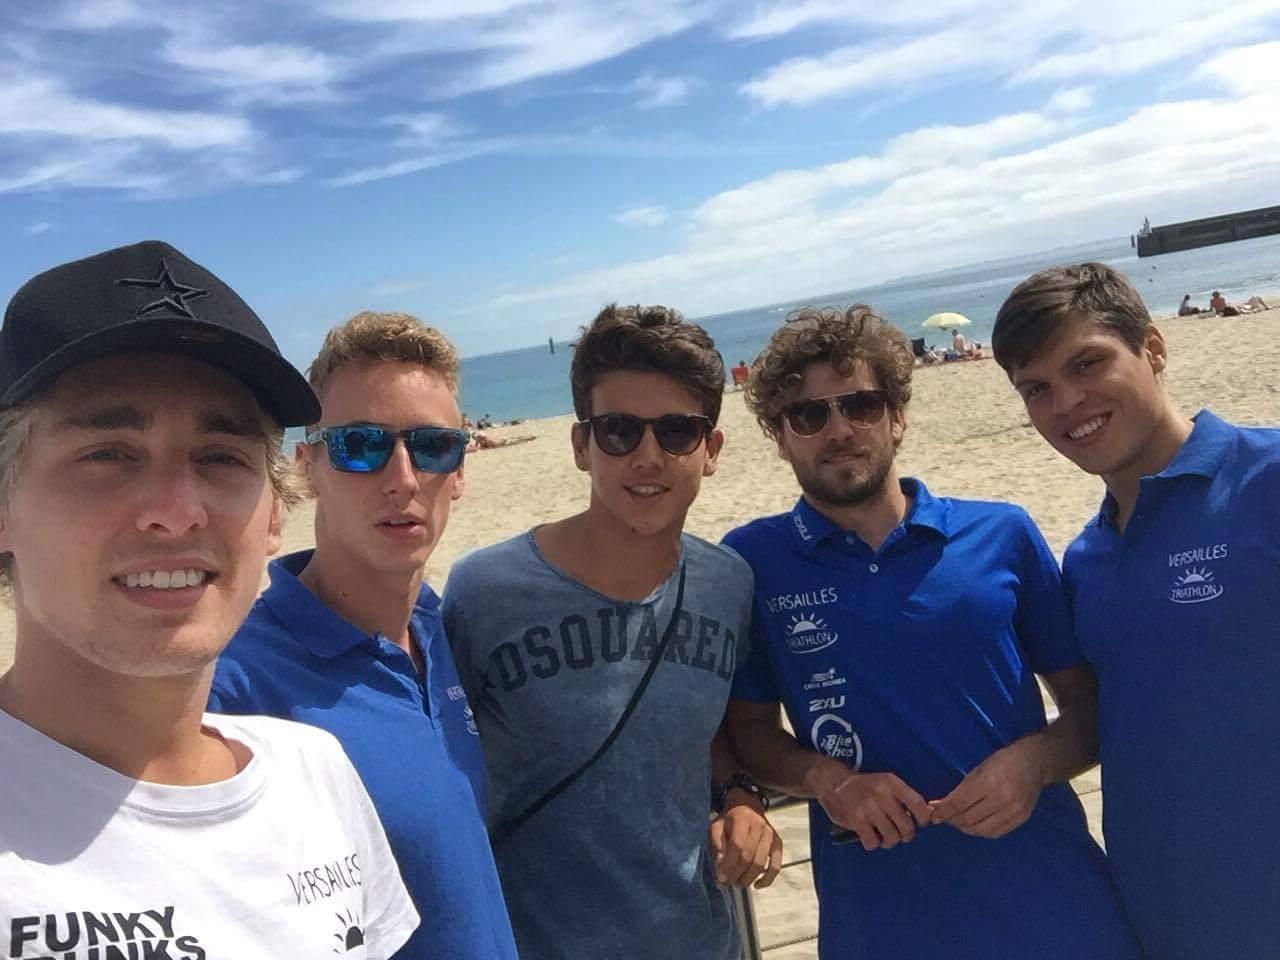 Versailles Triathlon - French GP